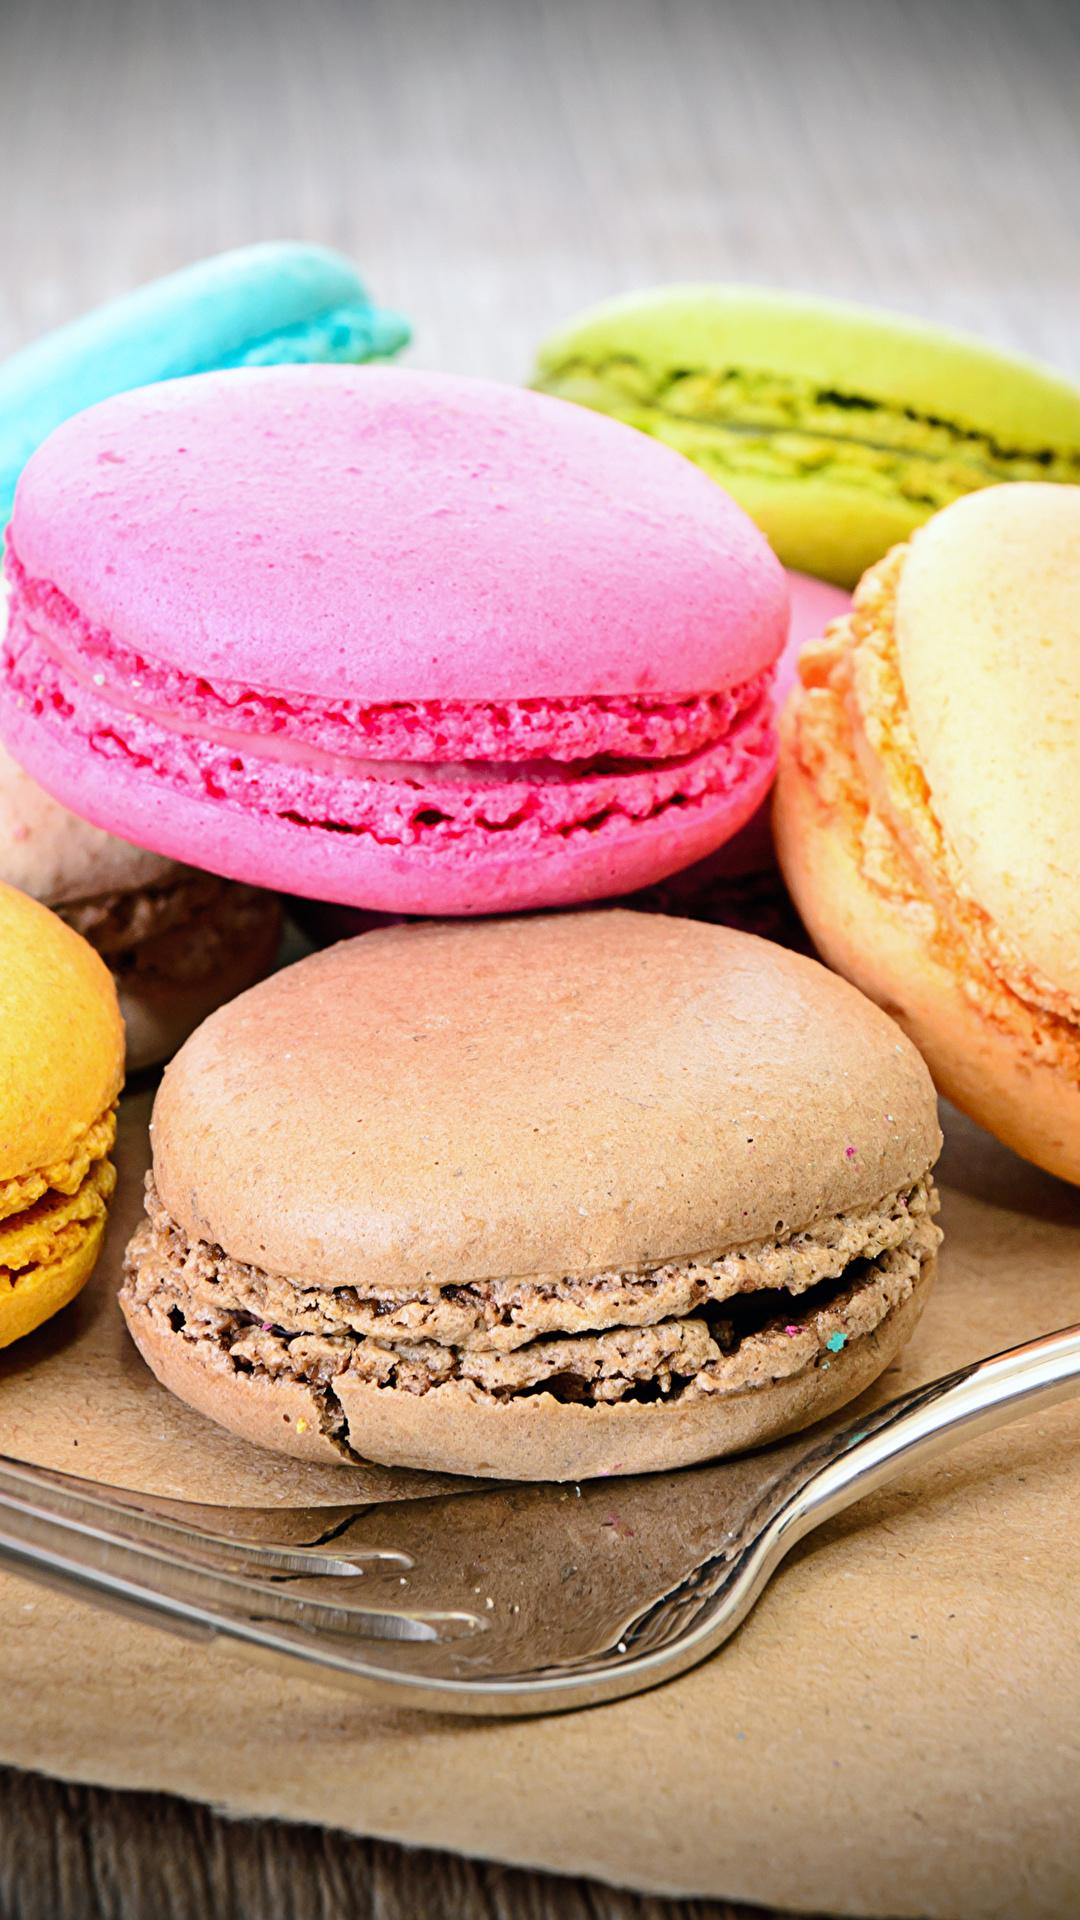 Картинки Макарон Еда вилки Печенье Сладости 1080x1920 для мобильного телефона Пища Вилка столовая Продукты питания сладкая еда